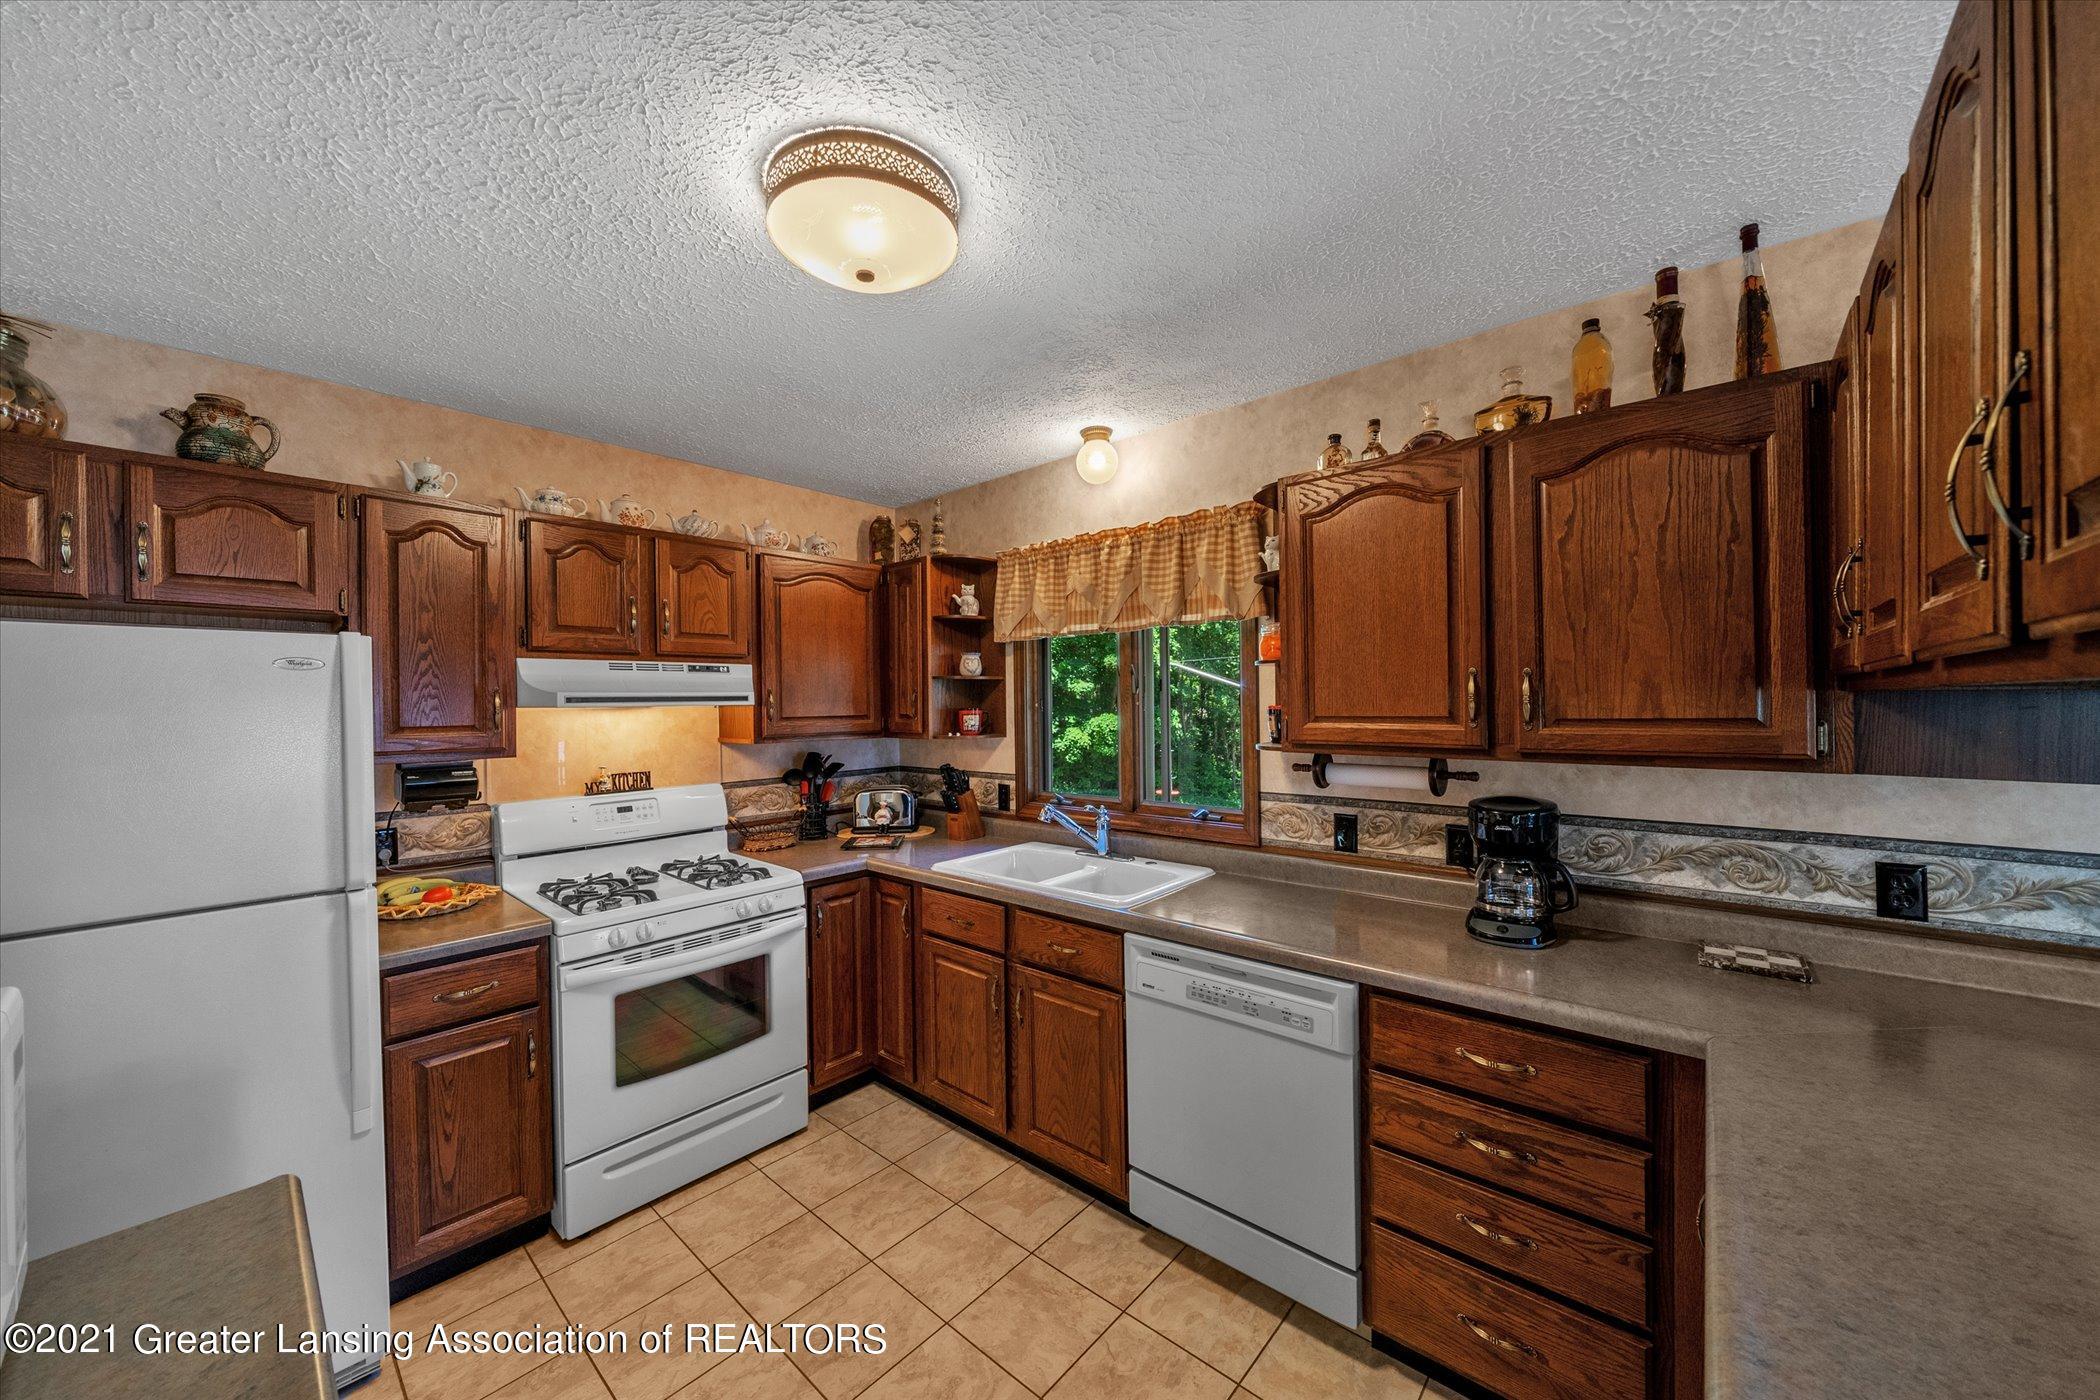 7851 S Cochran Rd - (14) MAIN FLOOR Kitchen - 14